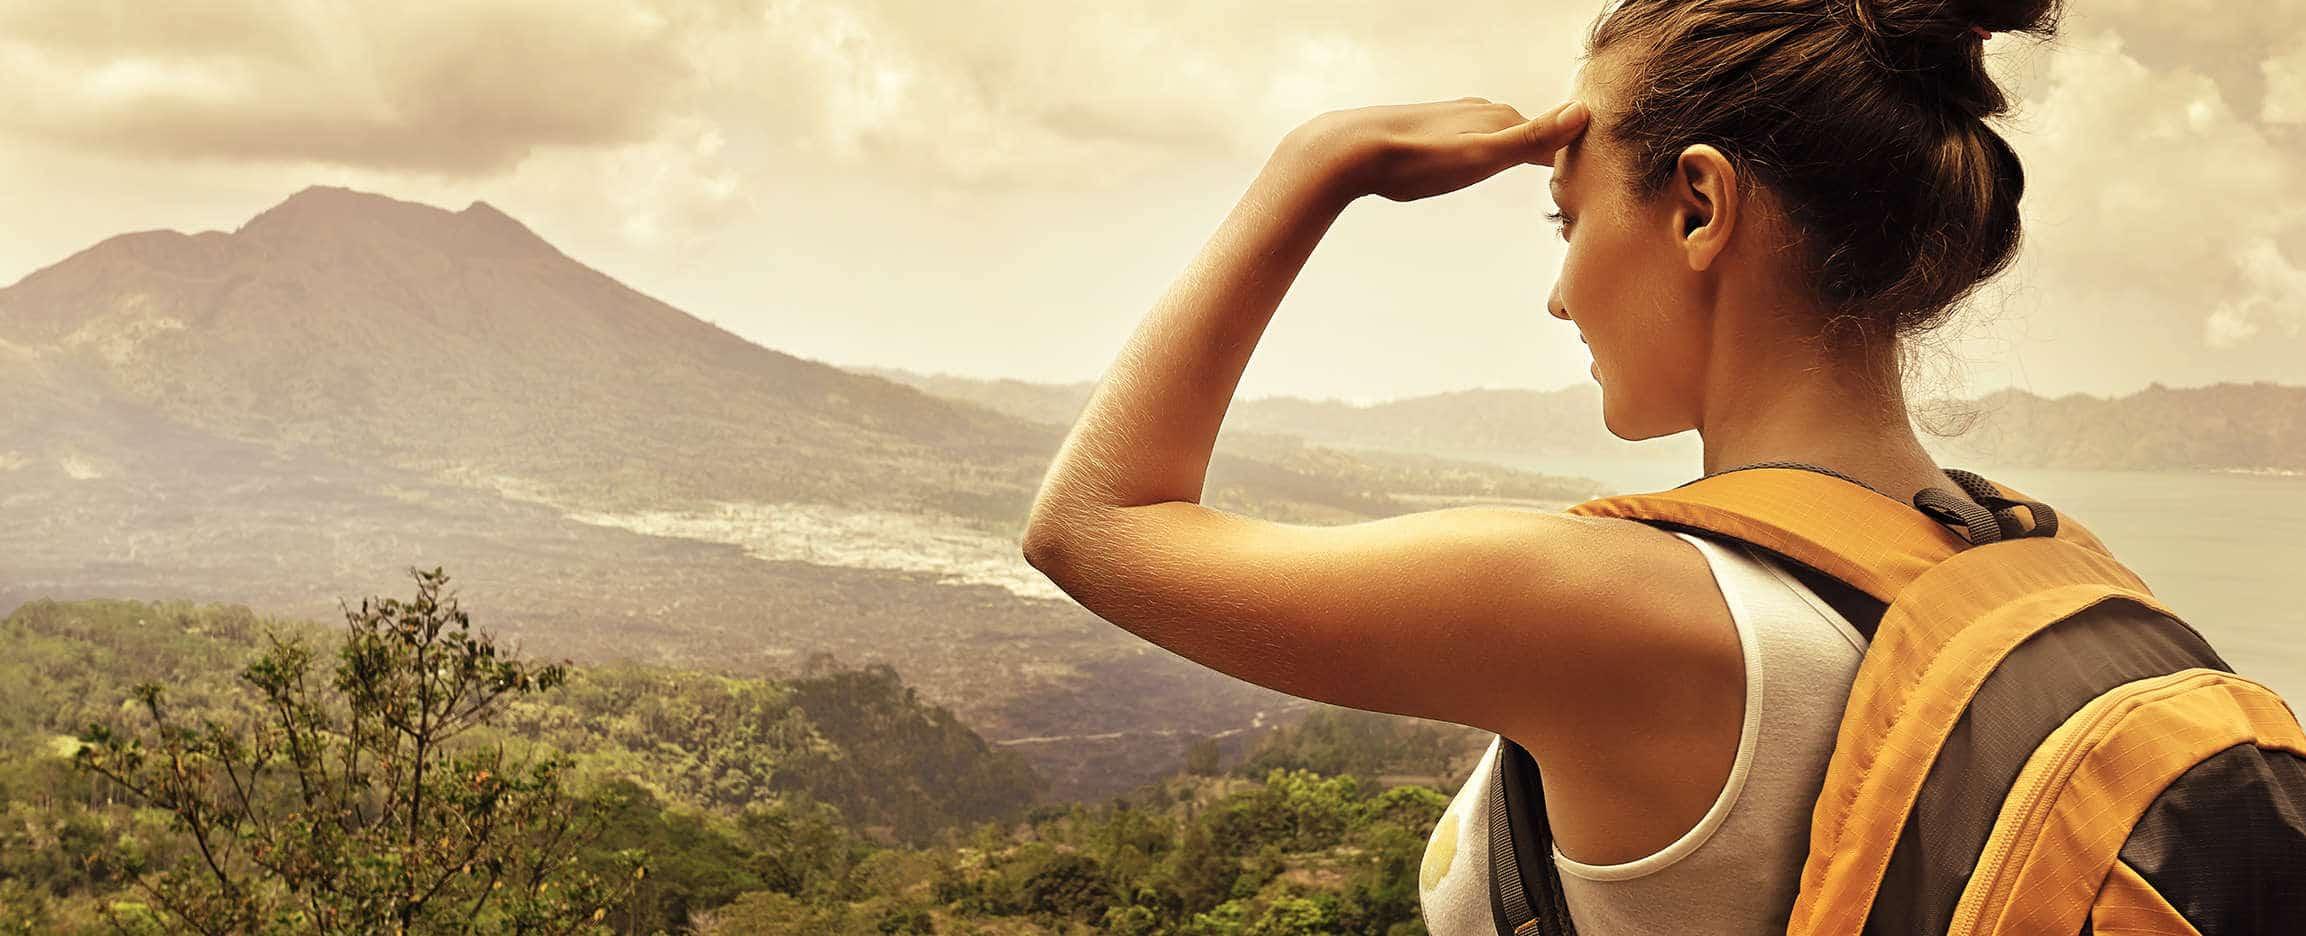 perfil del viajero a cabo verde contemplando vistas